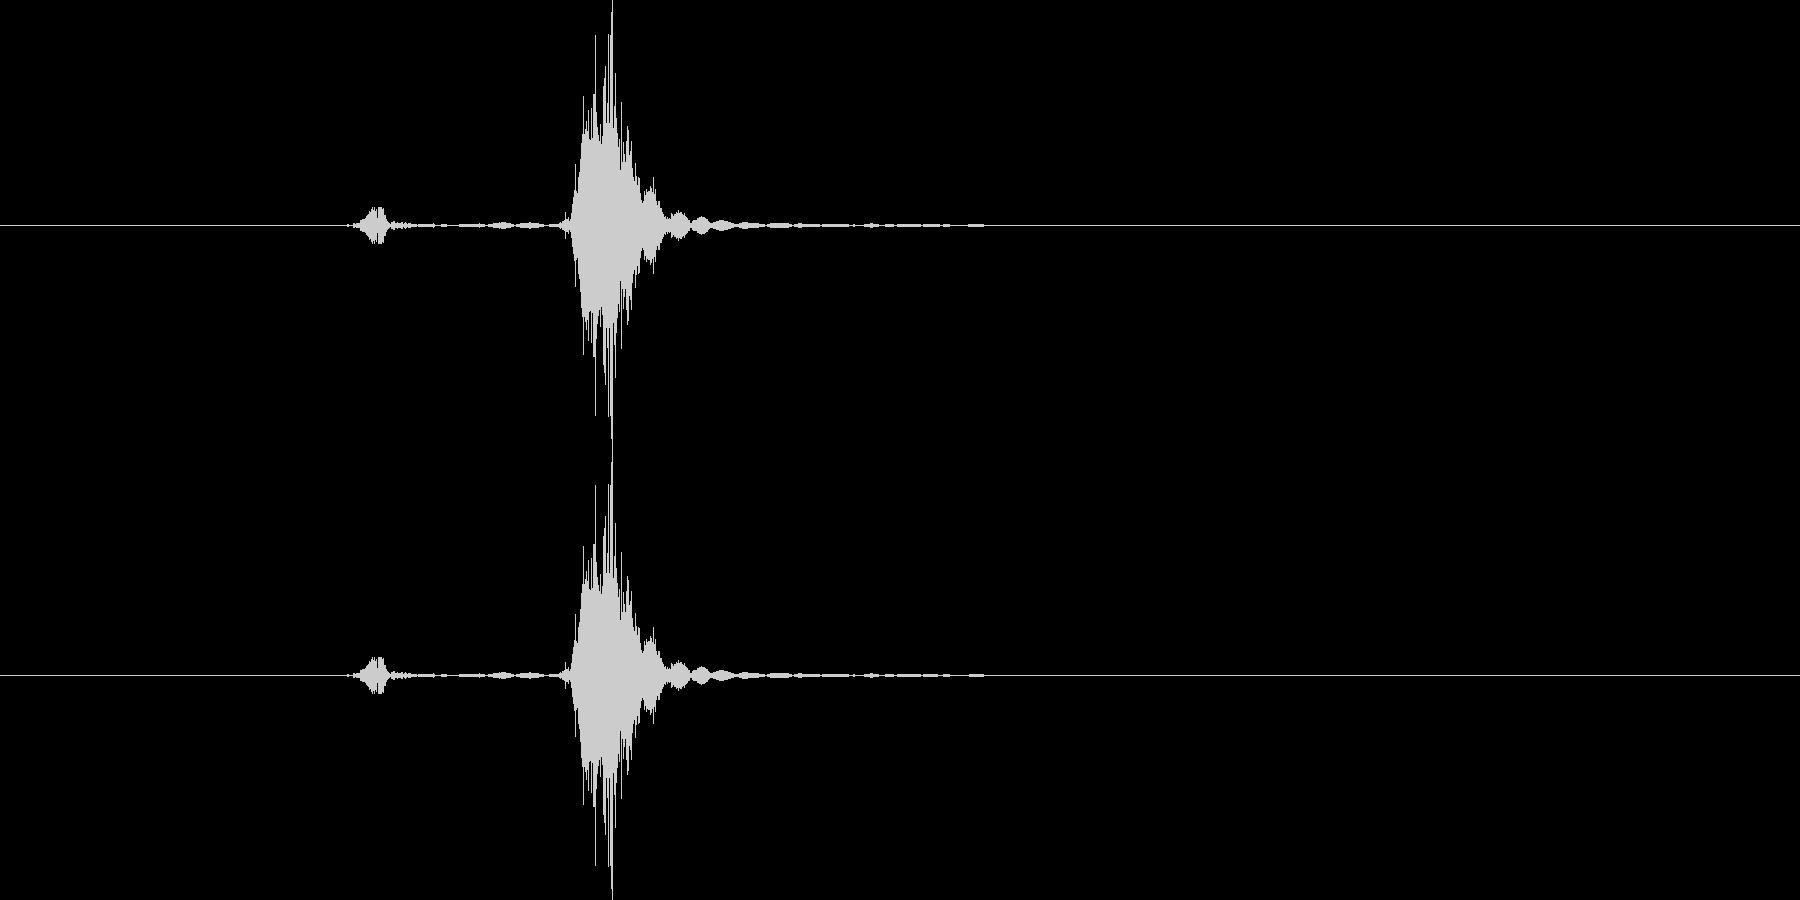 ンチャの未再生の波形